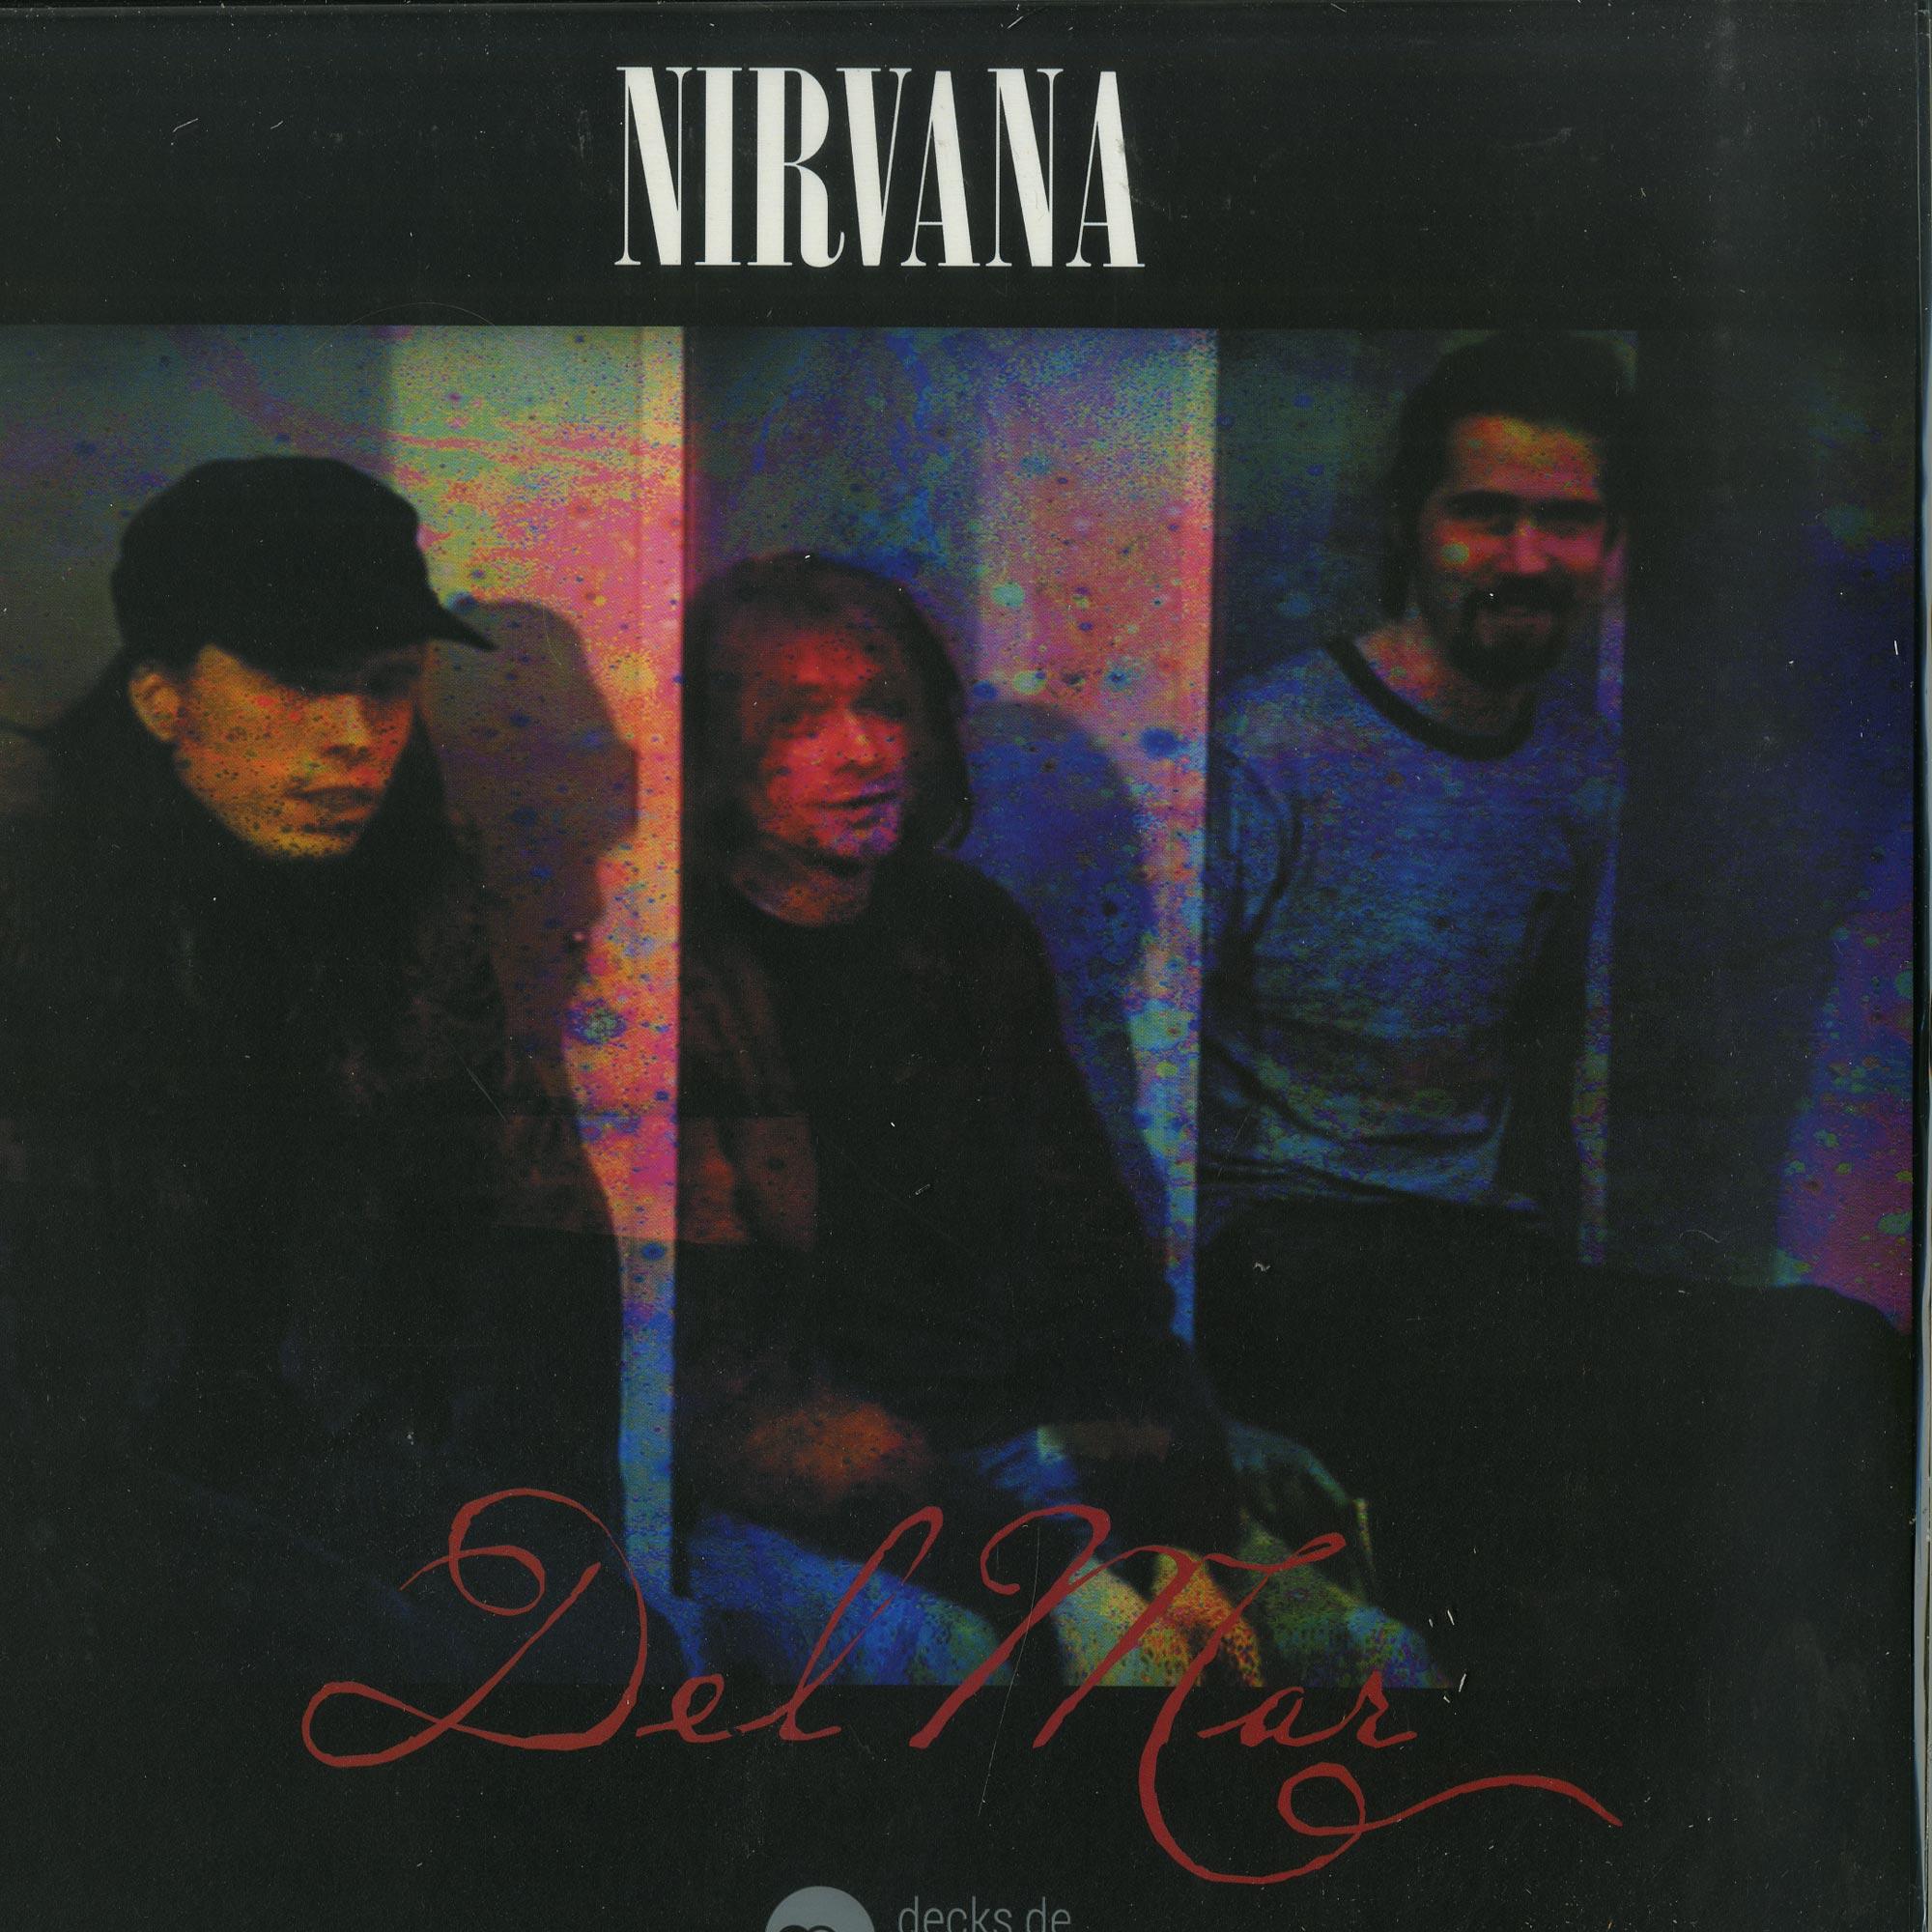 Nirvana - DEL MAR